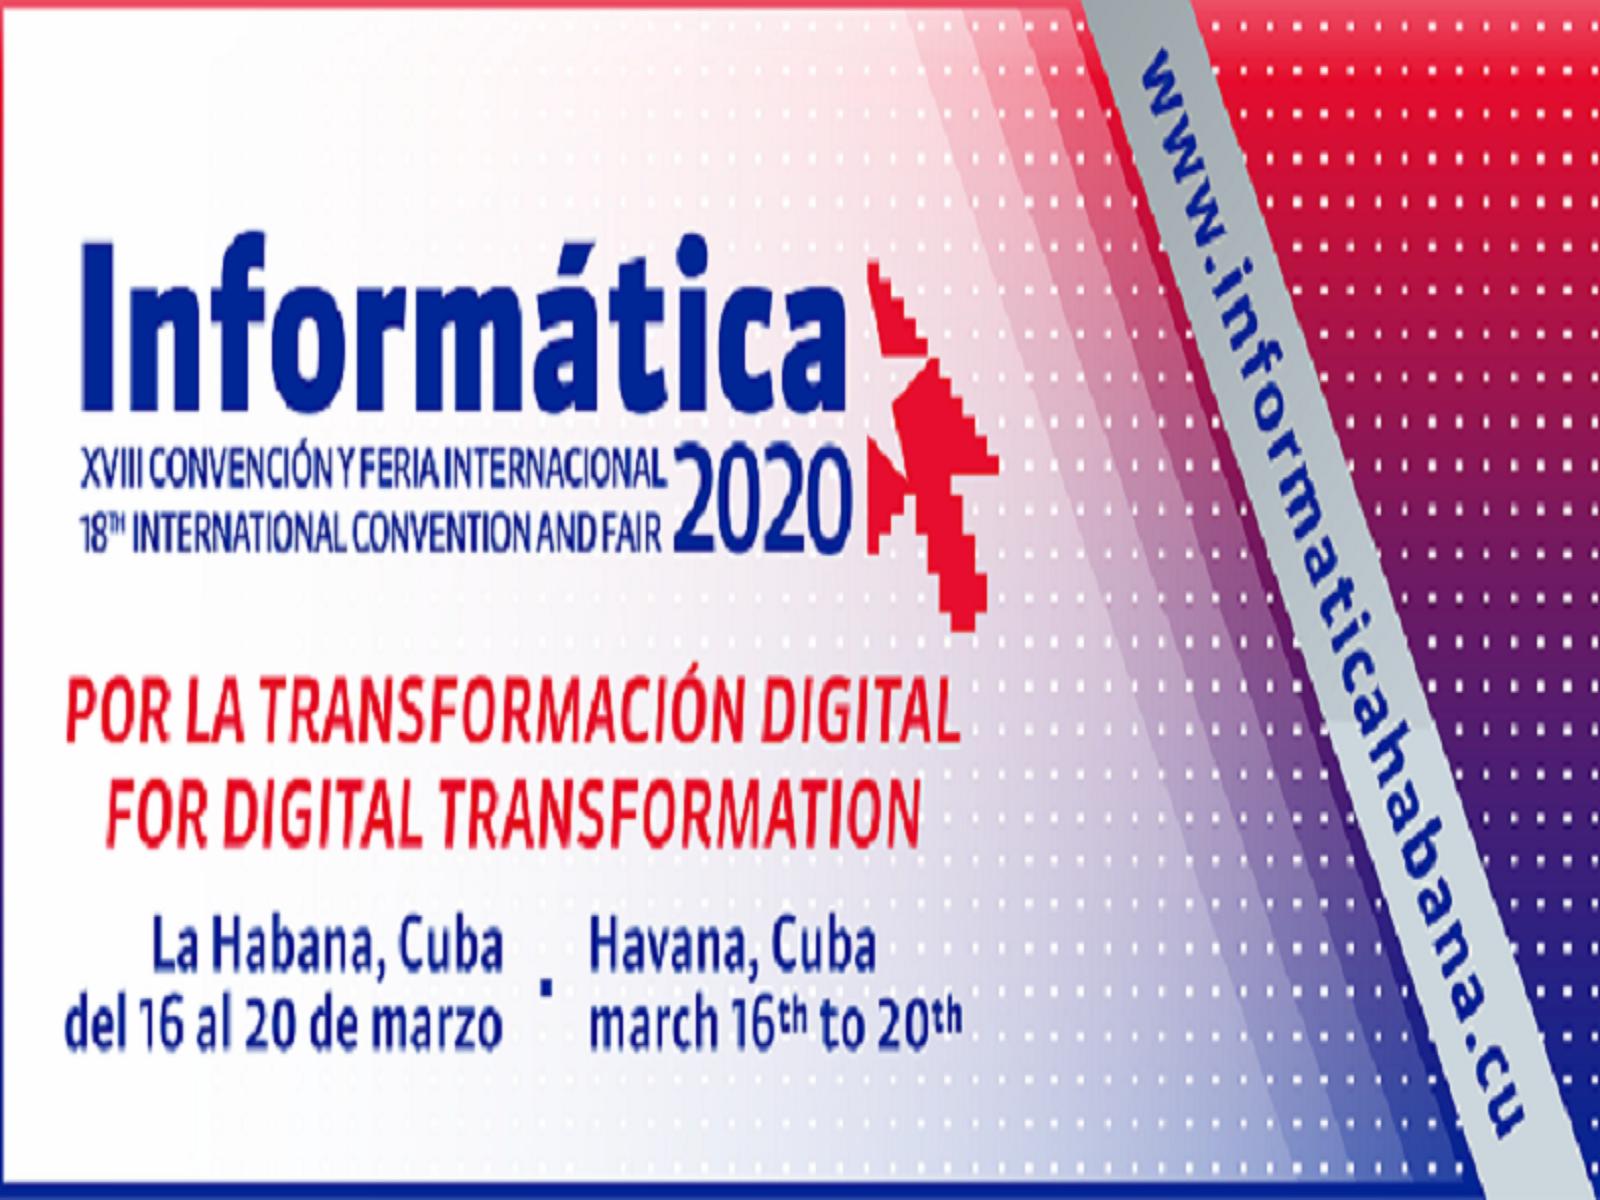 El evento se desarrollará entre el 16 al 20 de marzo de 2020, en el Palacio de Convenciones de La Habana y en el recinto ferial Pabexpo. (Foto: Tomado de informaticahabana.cu).